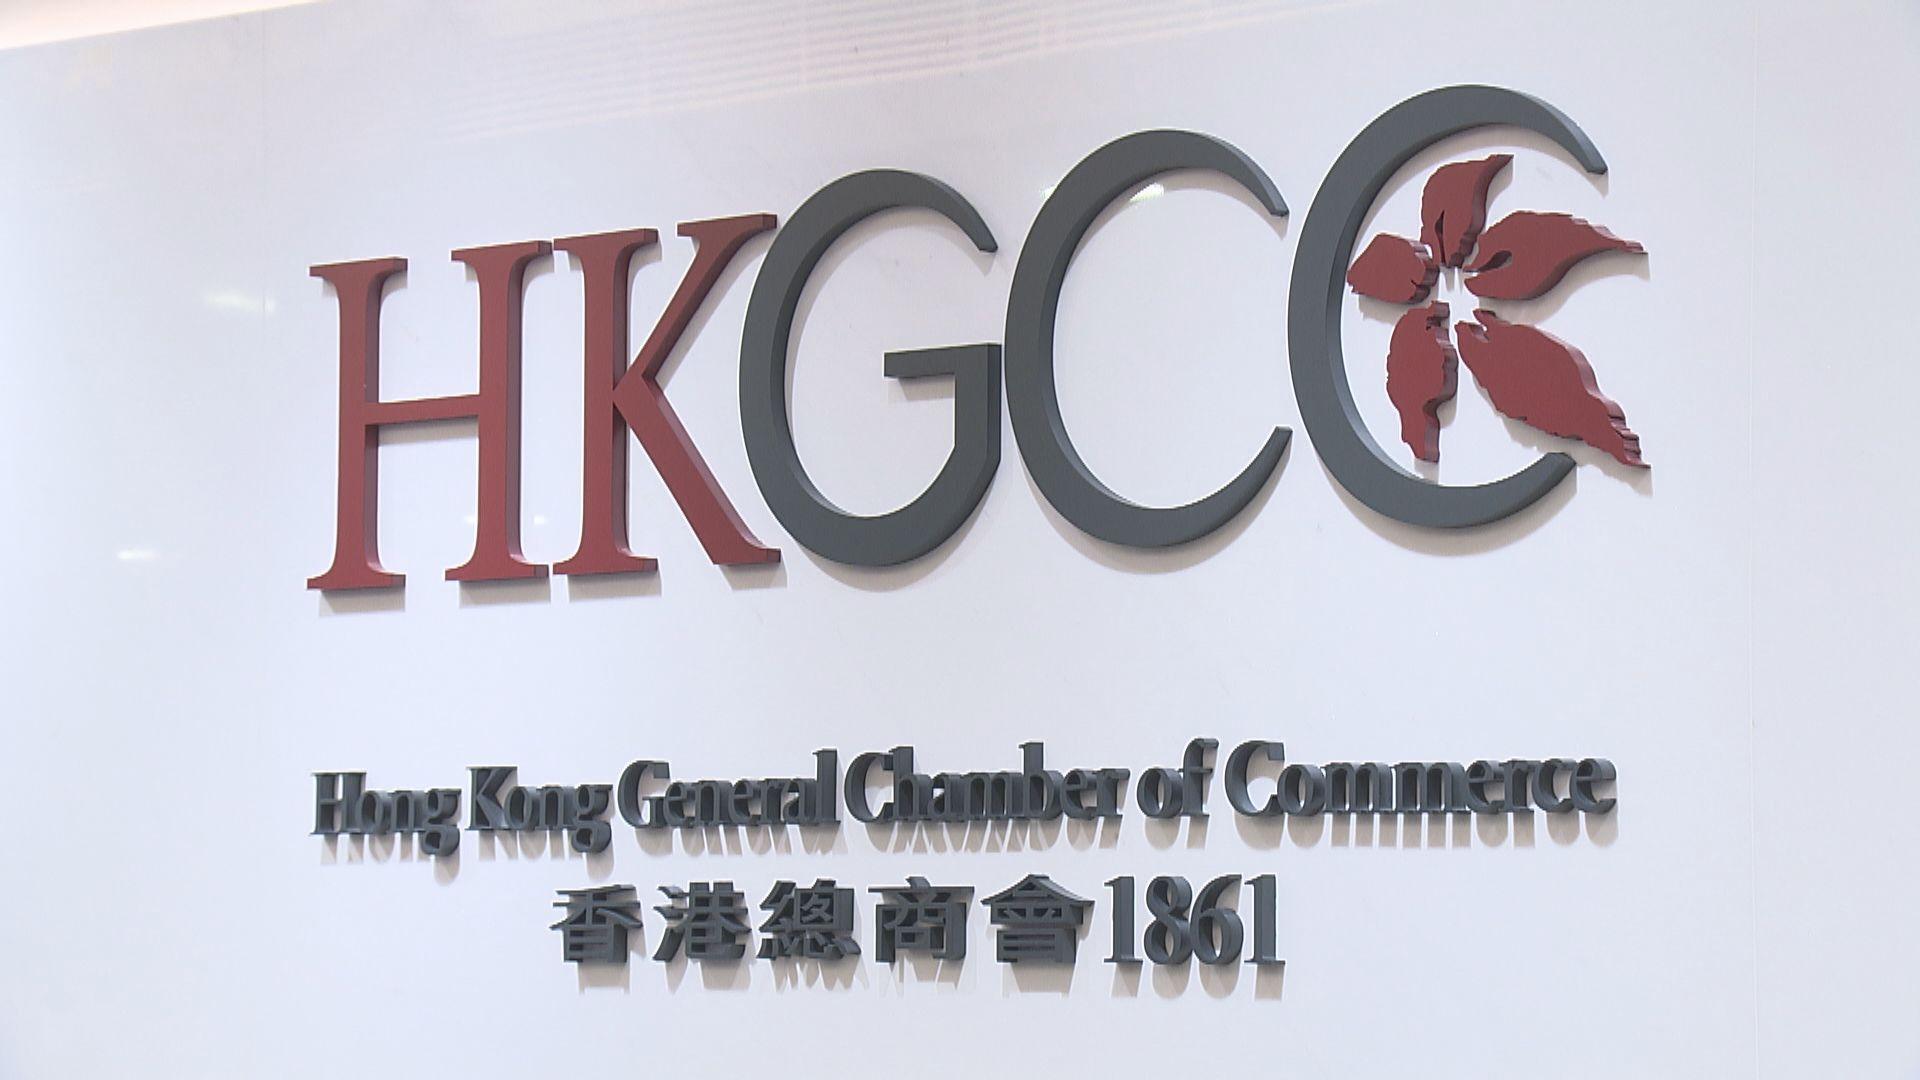 香港總商會推抽獎活動鼓勵香港居民接種疫苗